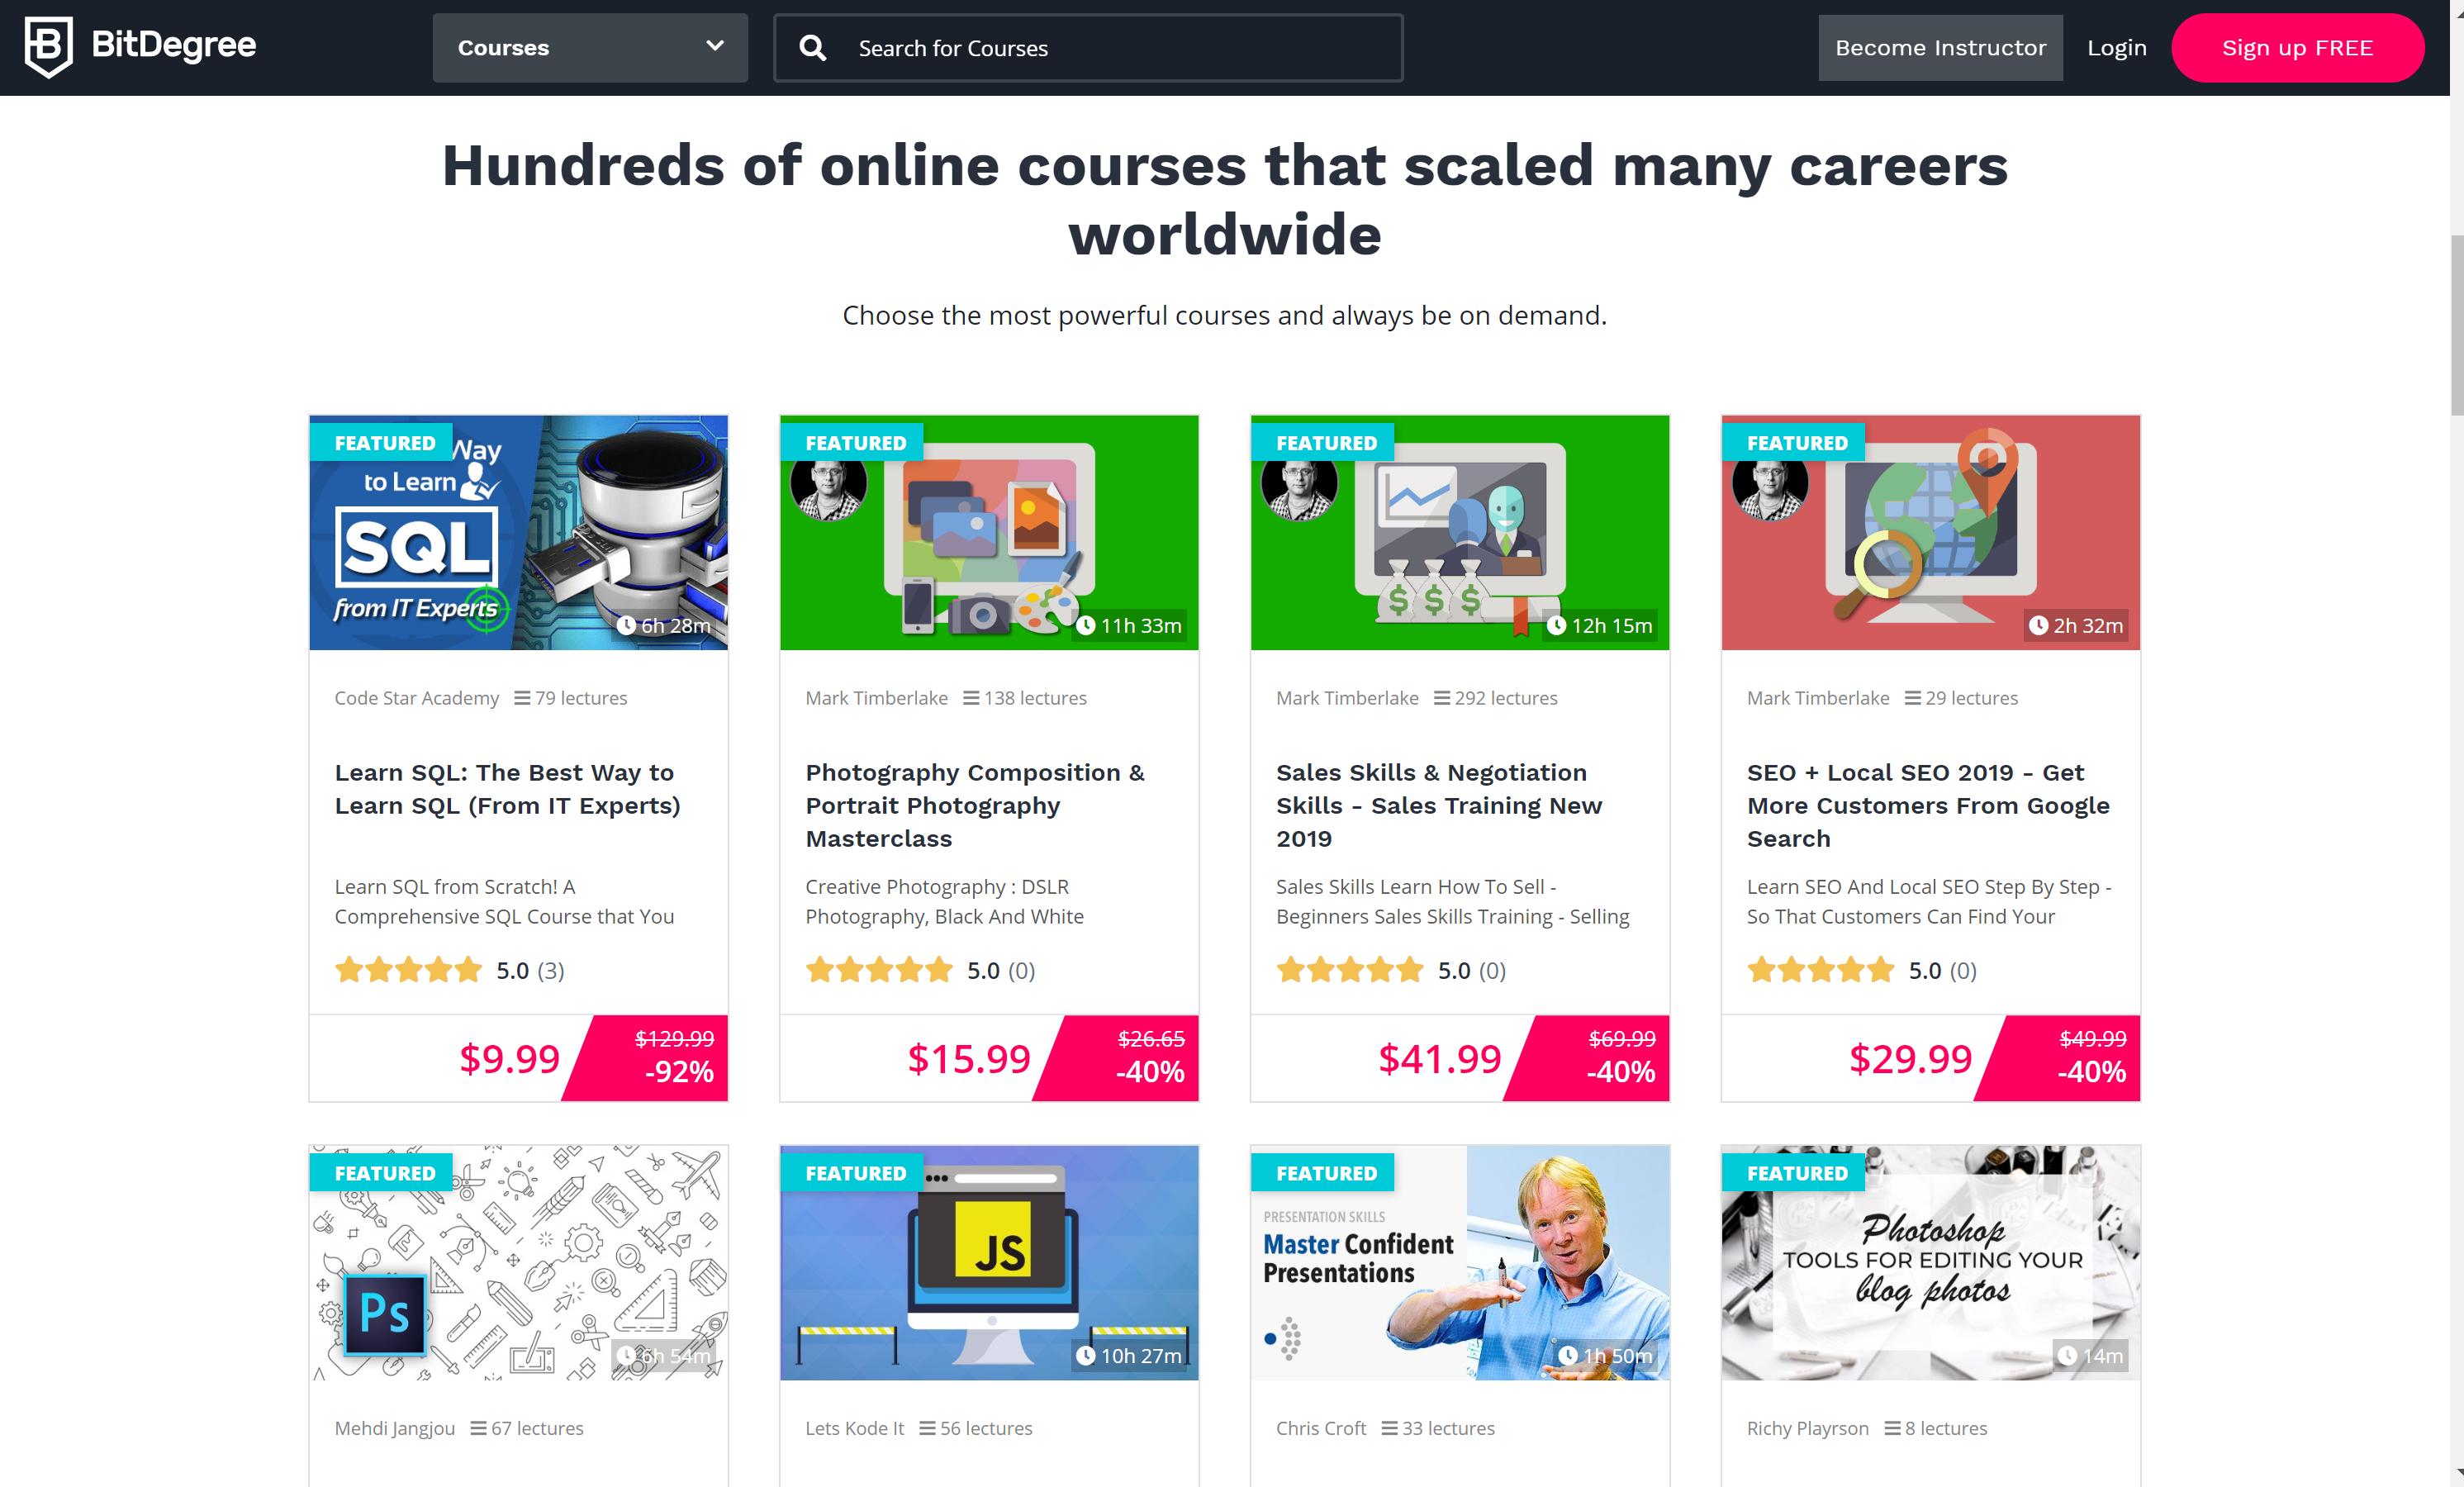 BitDegree courses